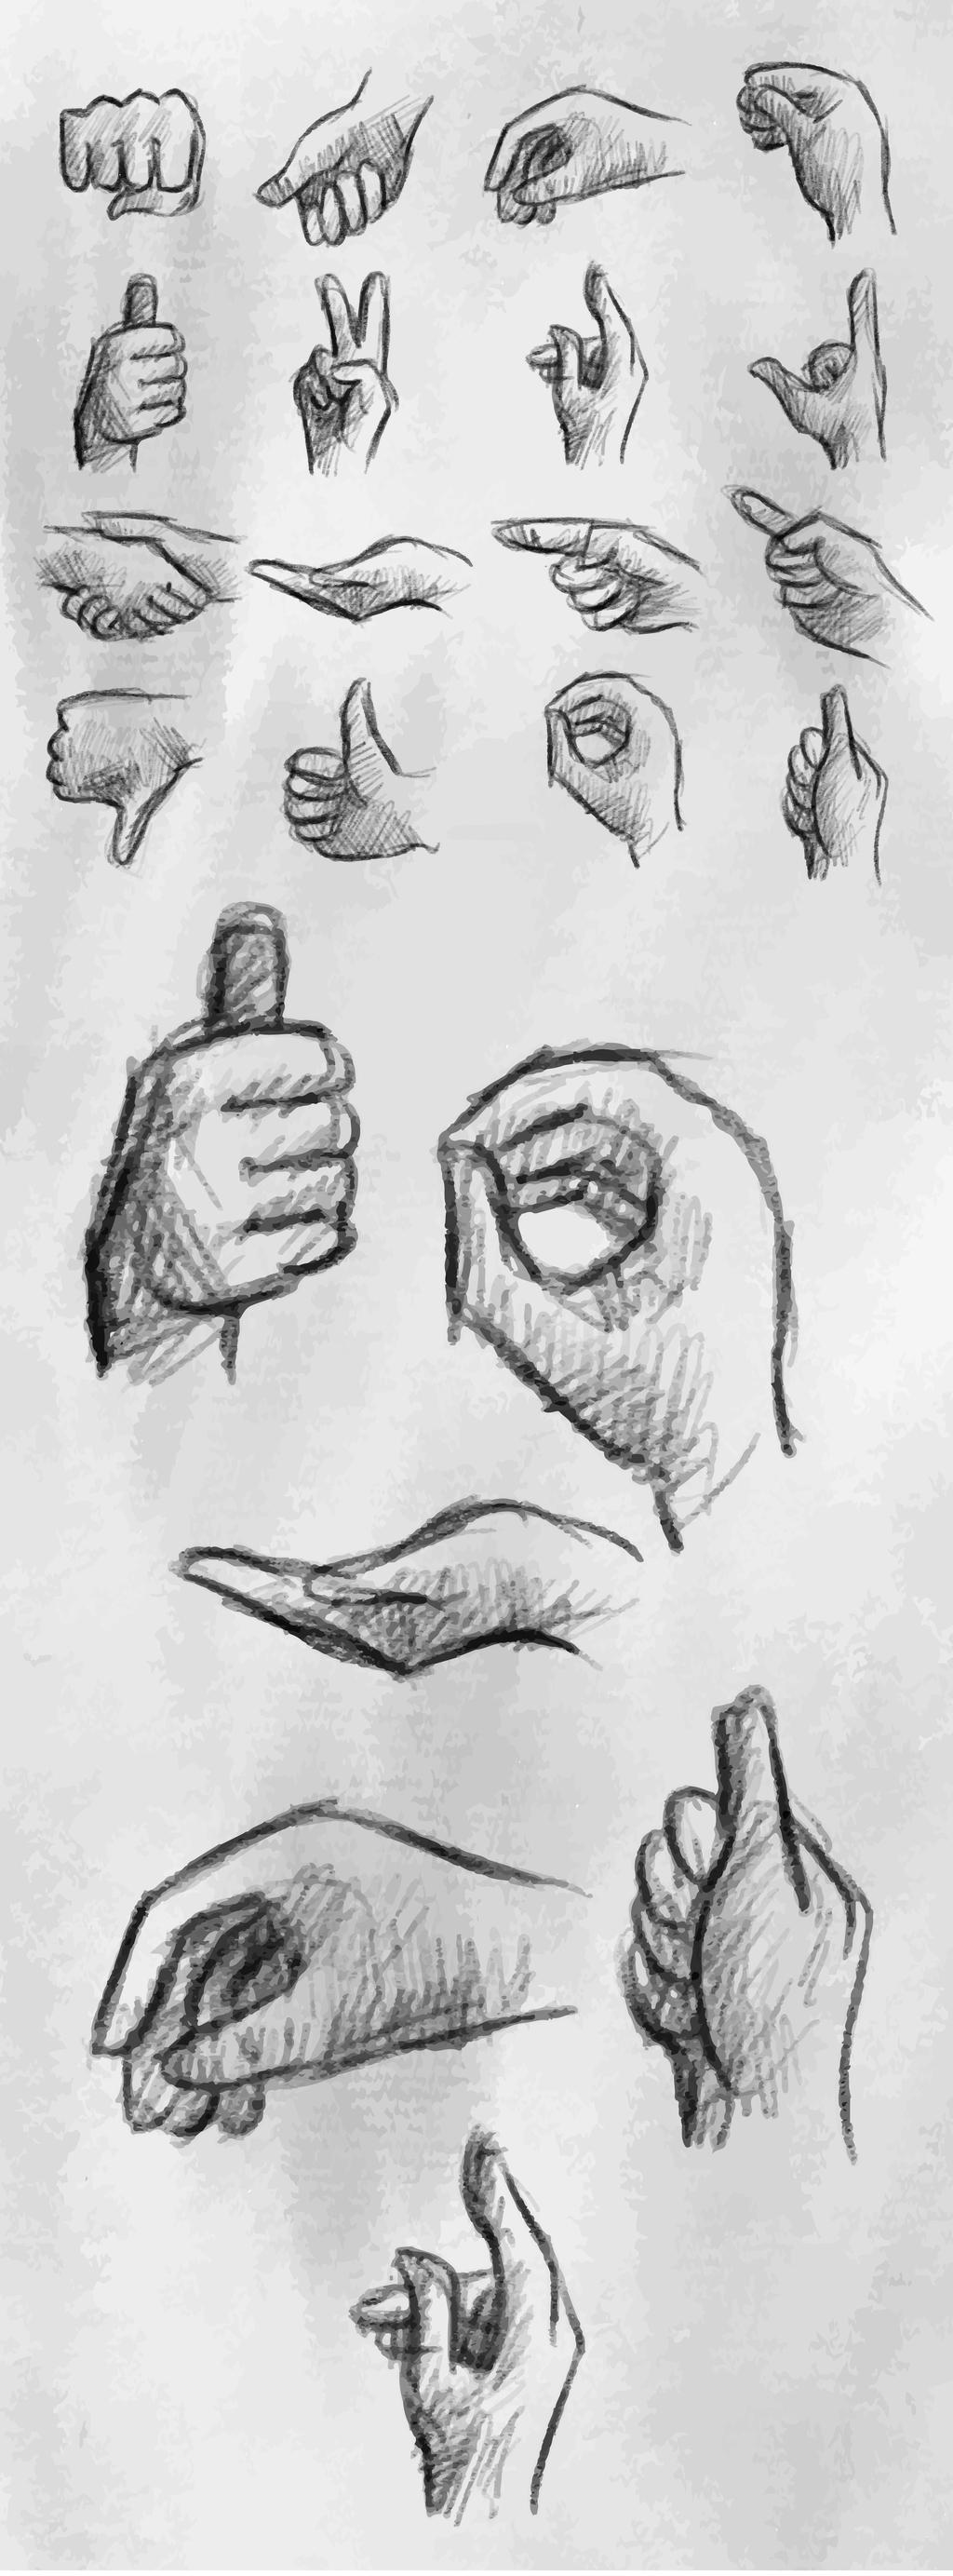 创意手势                                    胜利手势